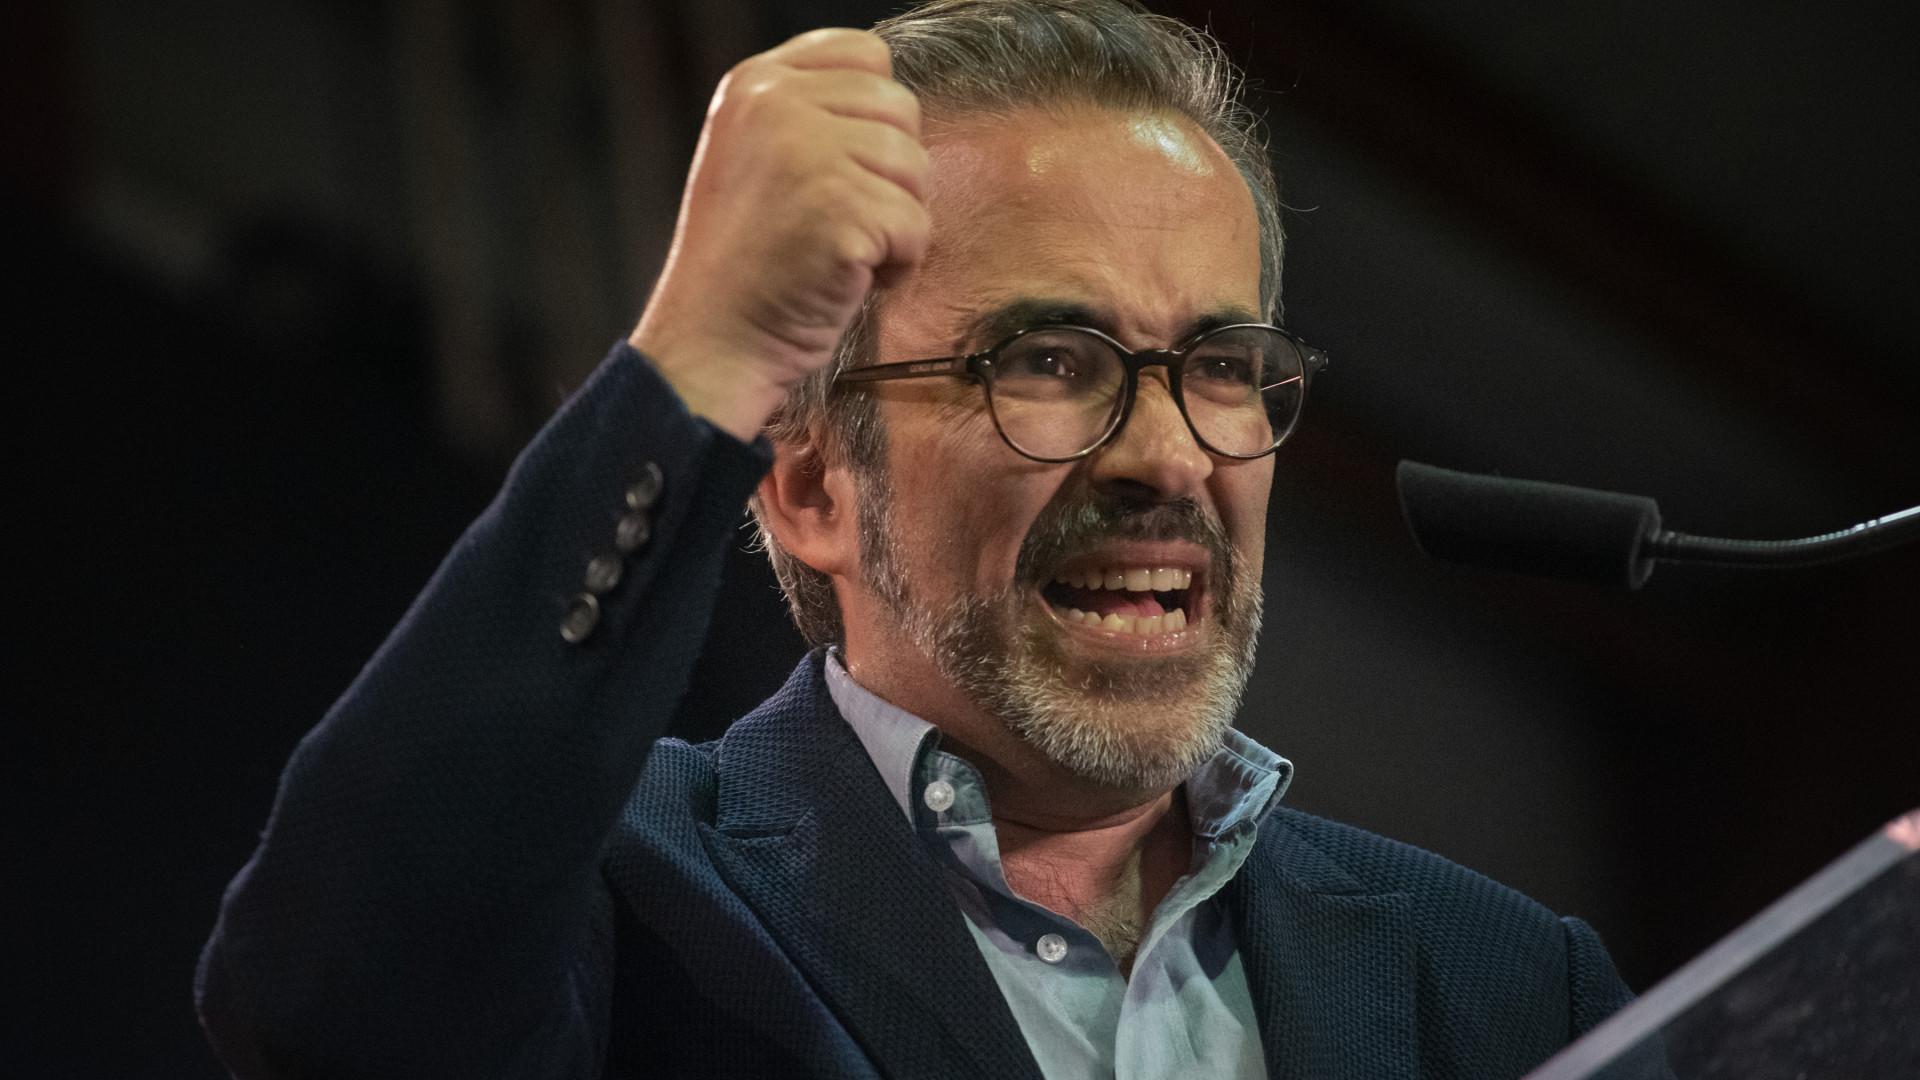 PSD. Dirigentes e militantes de Setúbal declaram apoio a Paulo Rangel